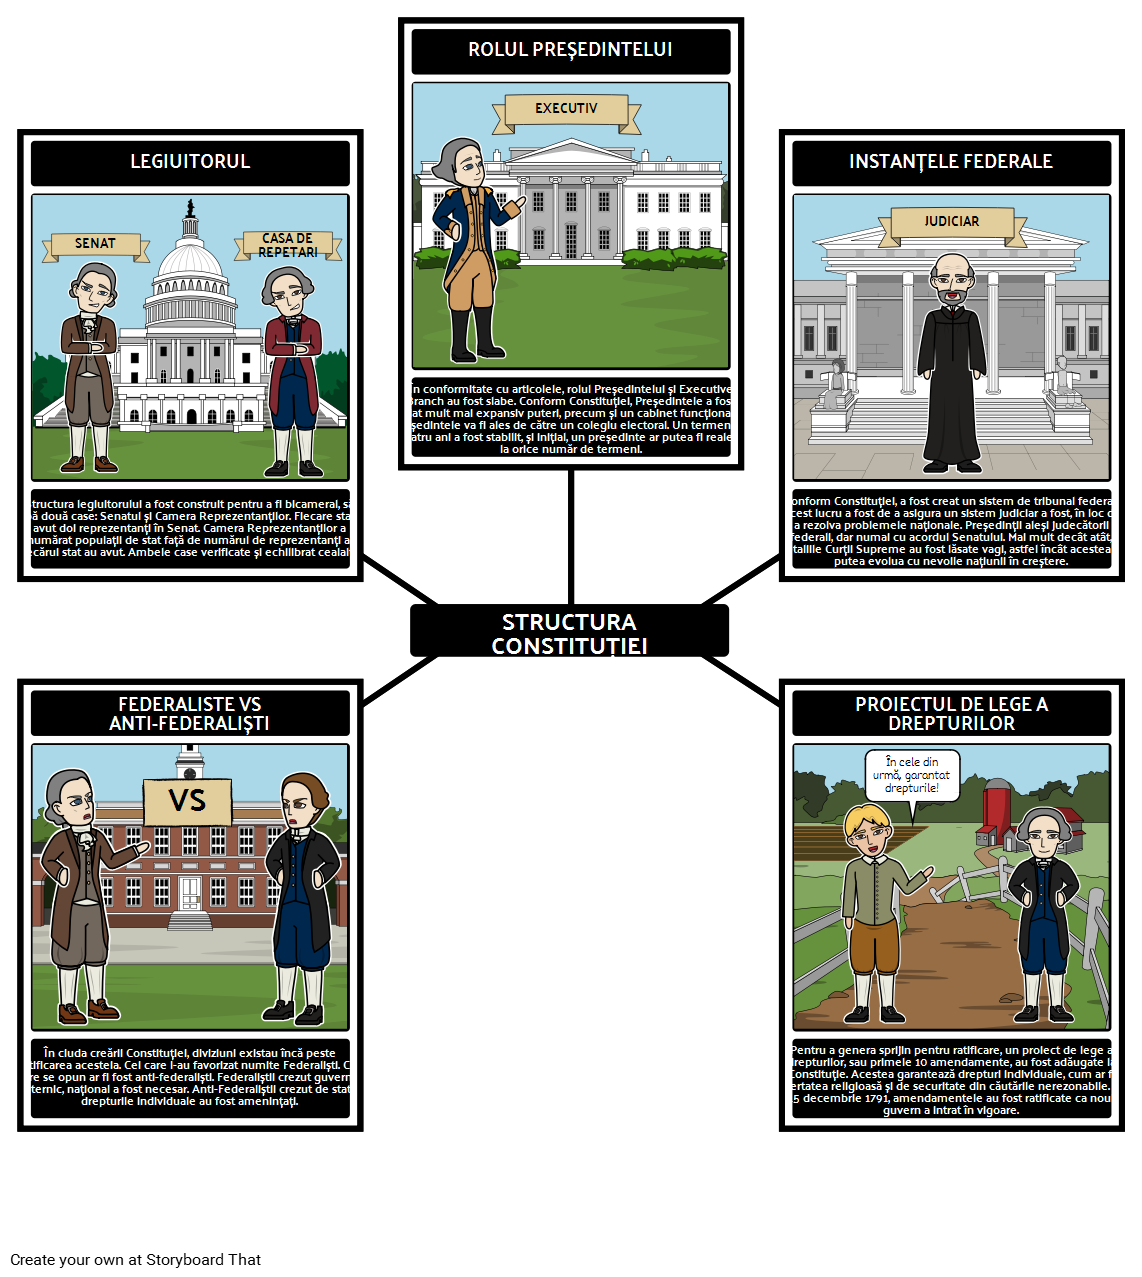 Federalismul - Structura Constituției